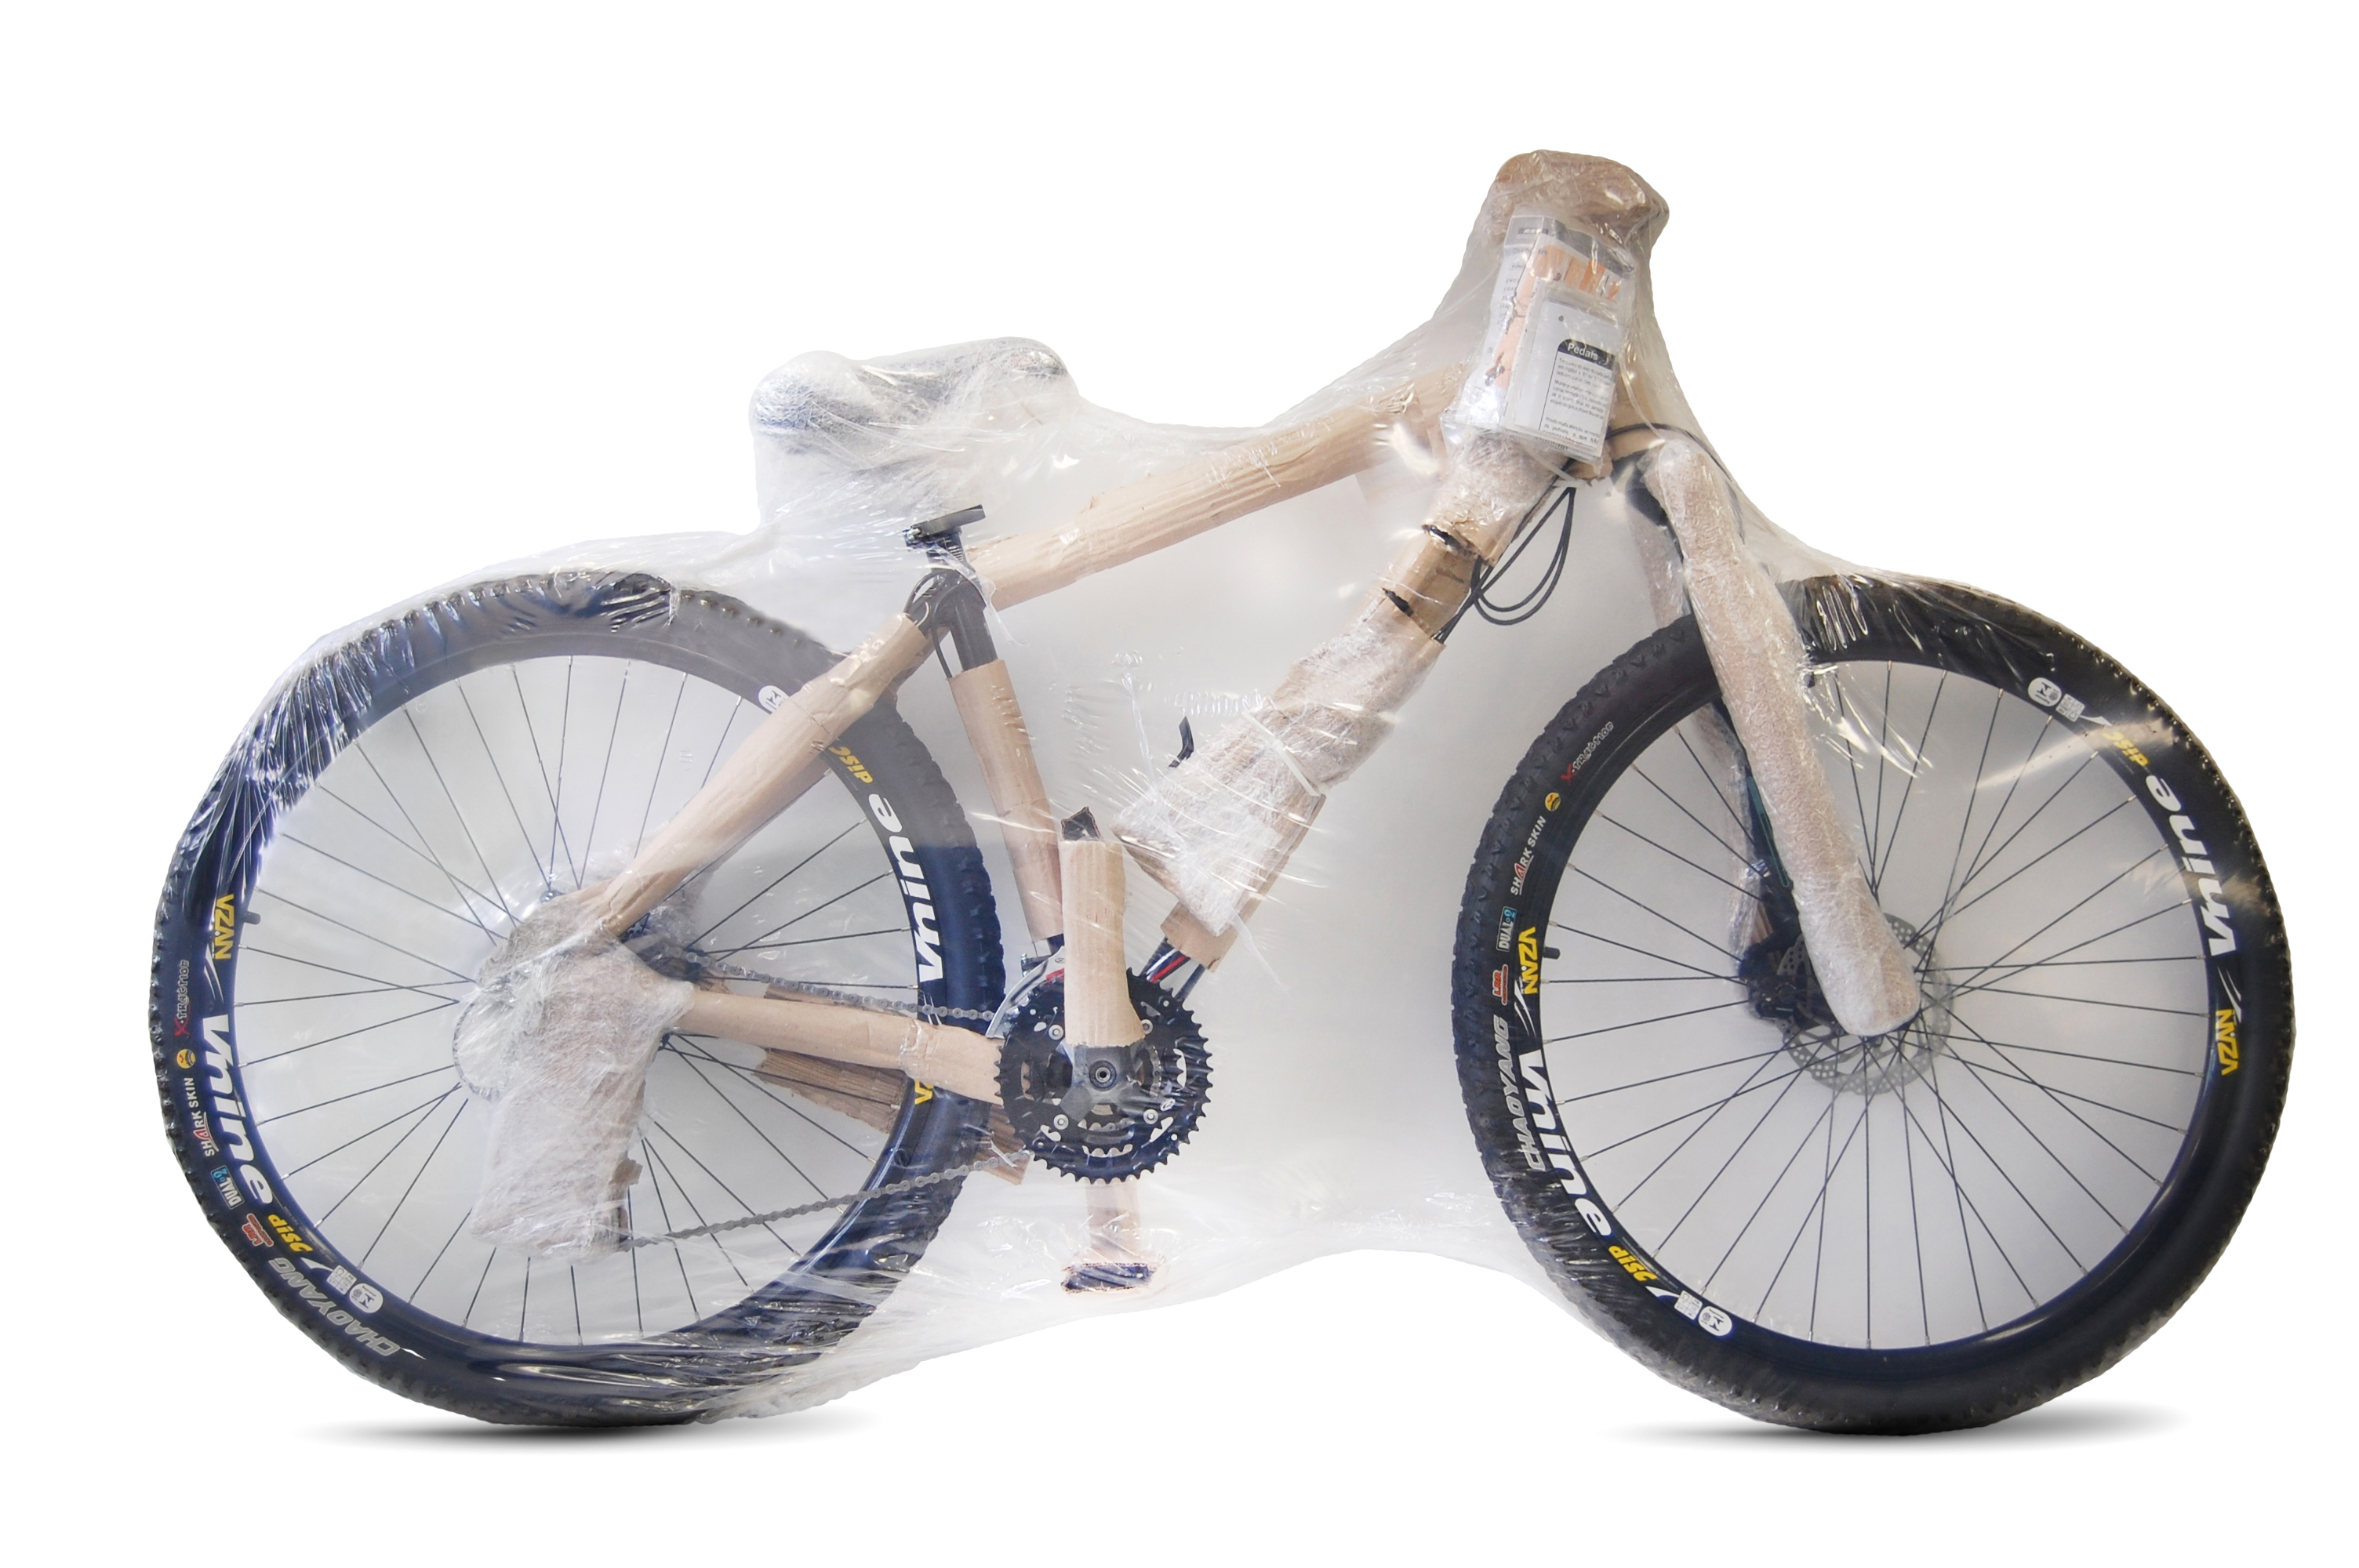 bicicleta_embalada.png